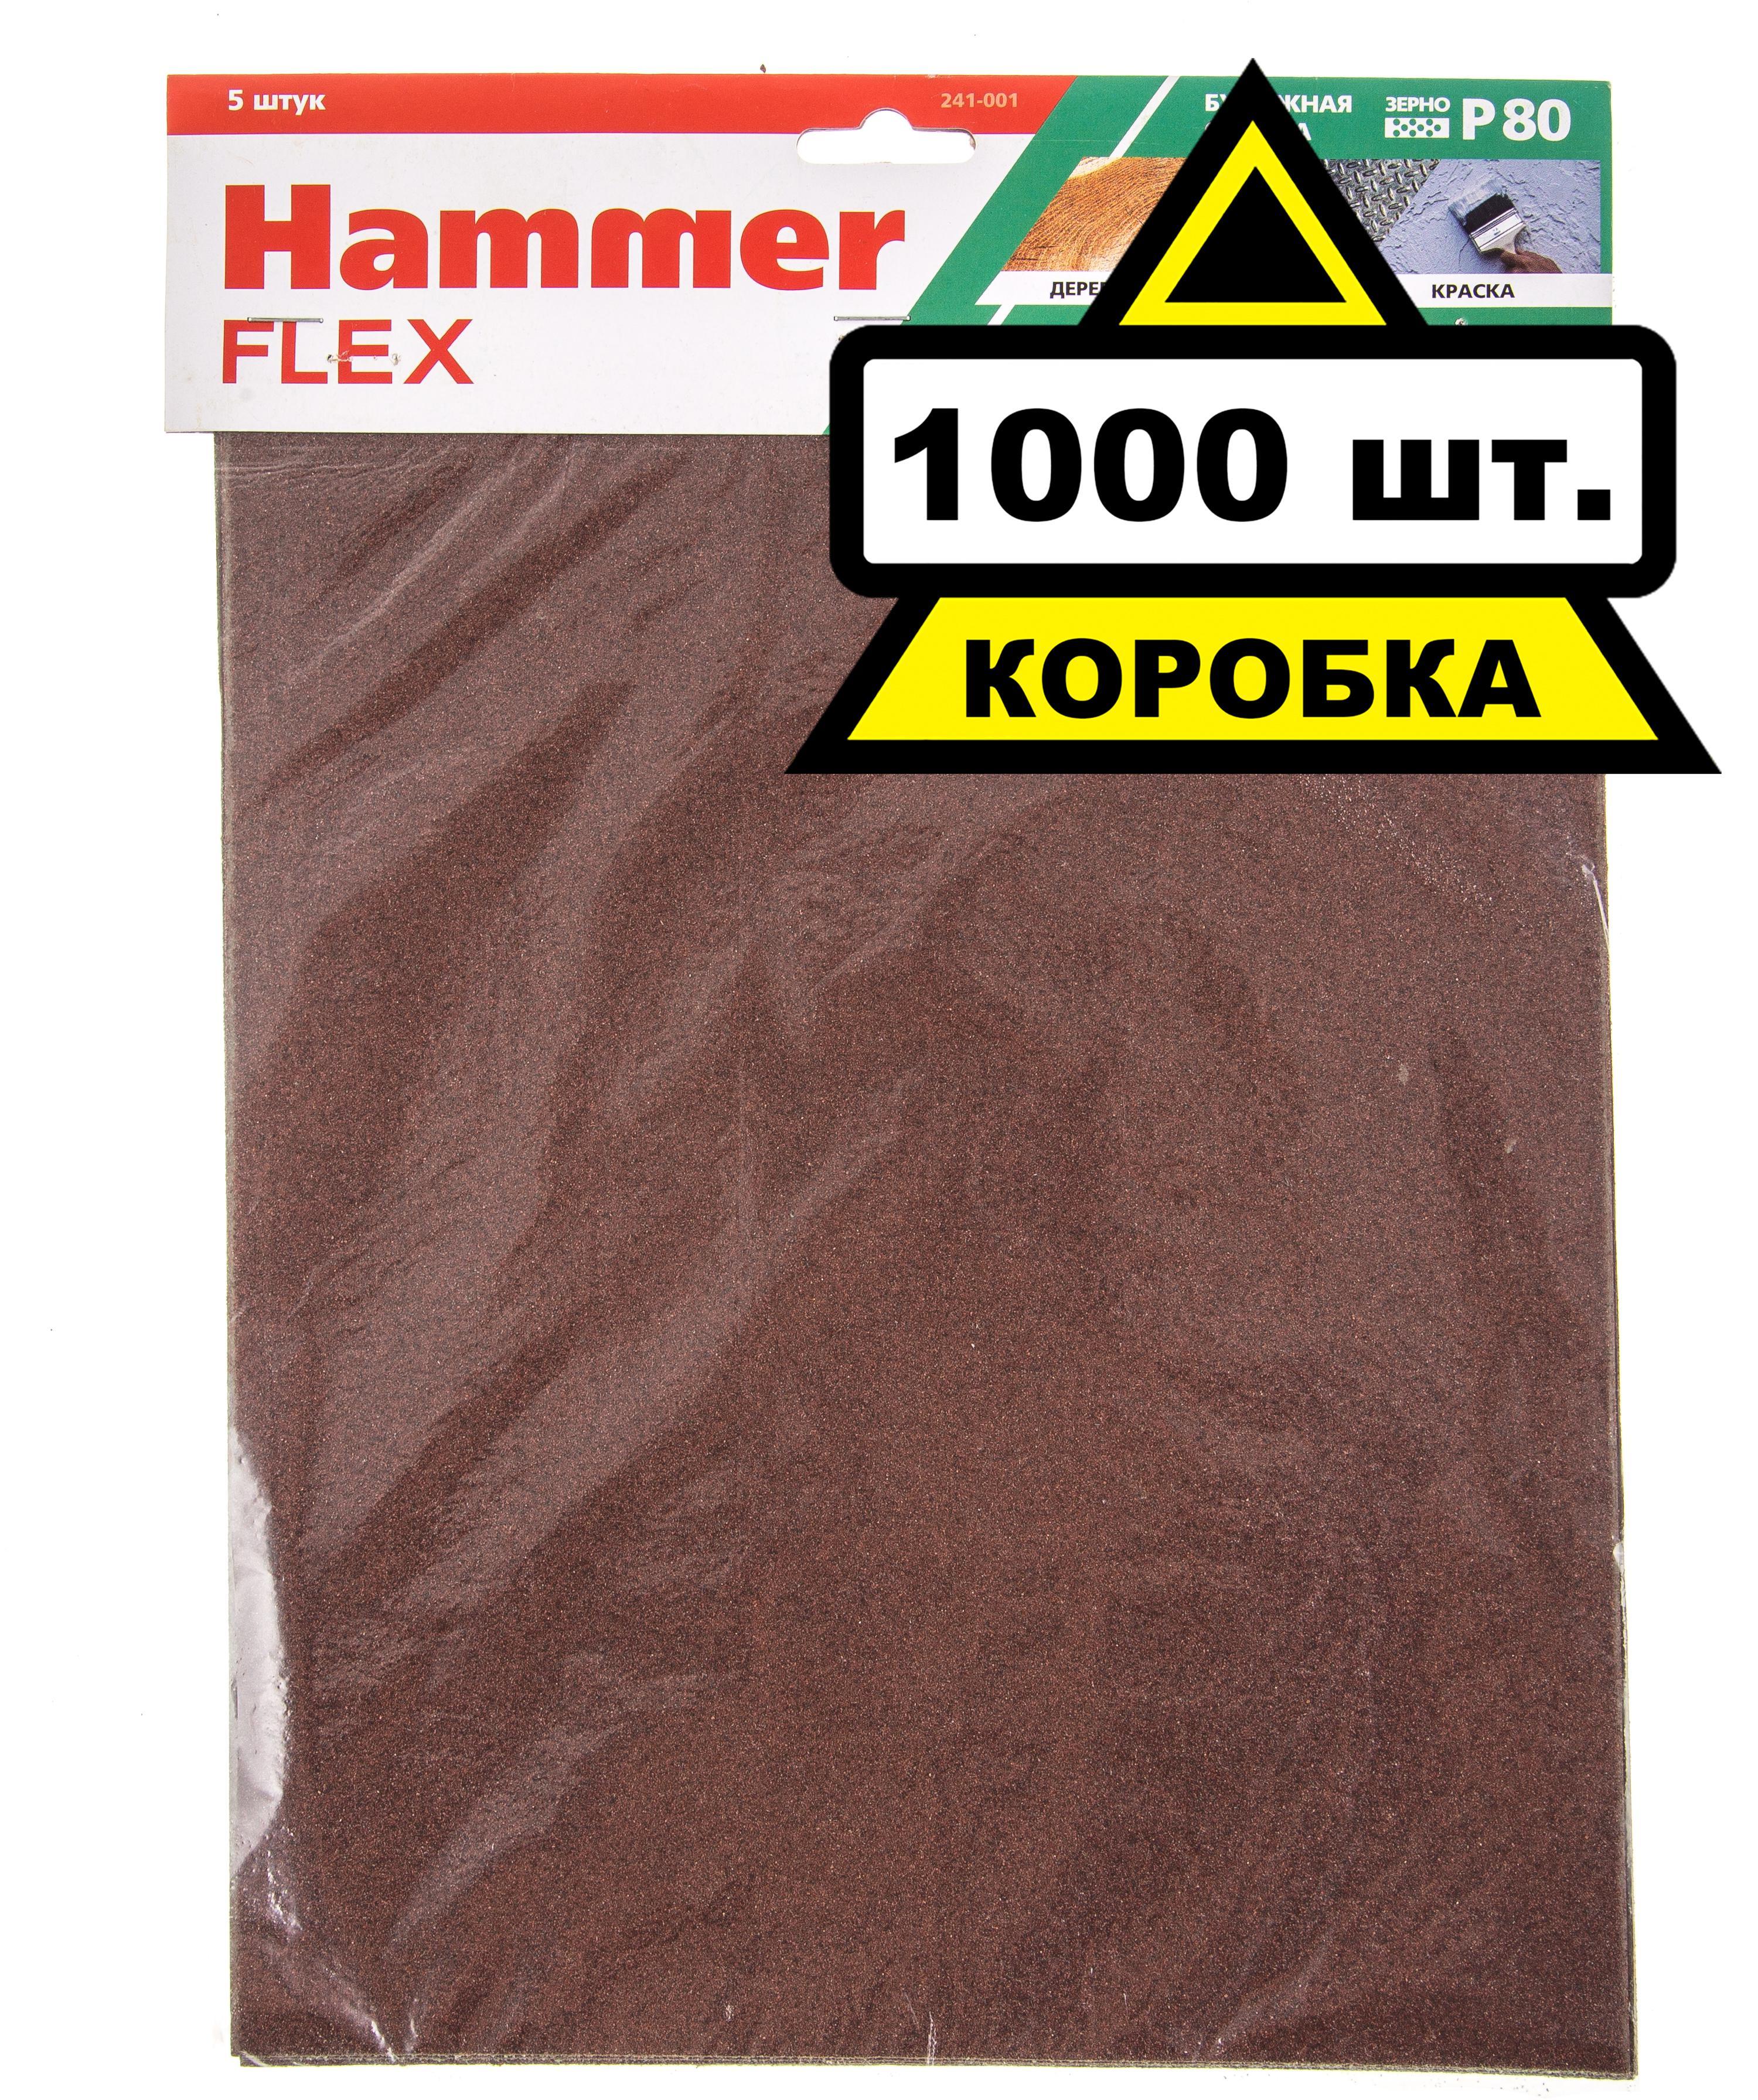 Купить Лист шлифовальный Hammer 230x280мм p80 бумажная основа